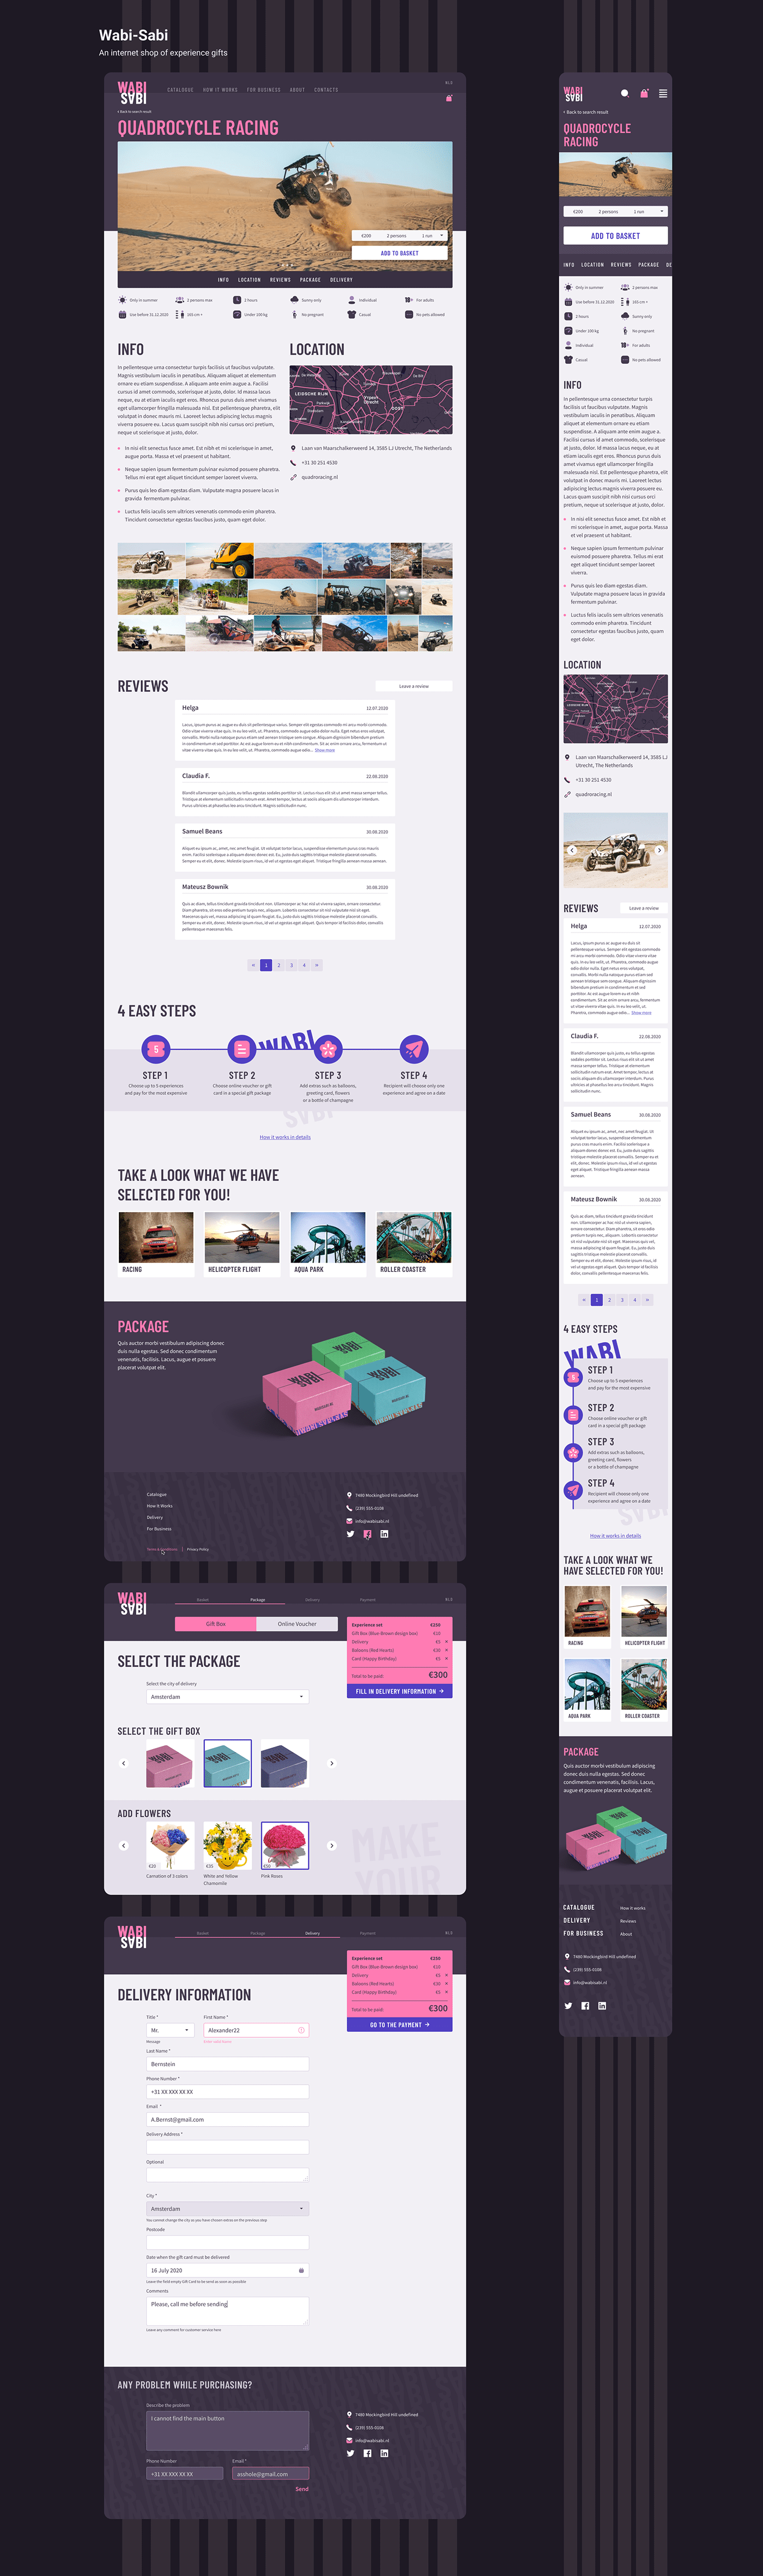 e-commerce internet shop shop UI ux Web Design